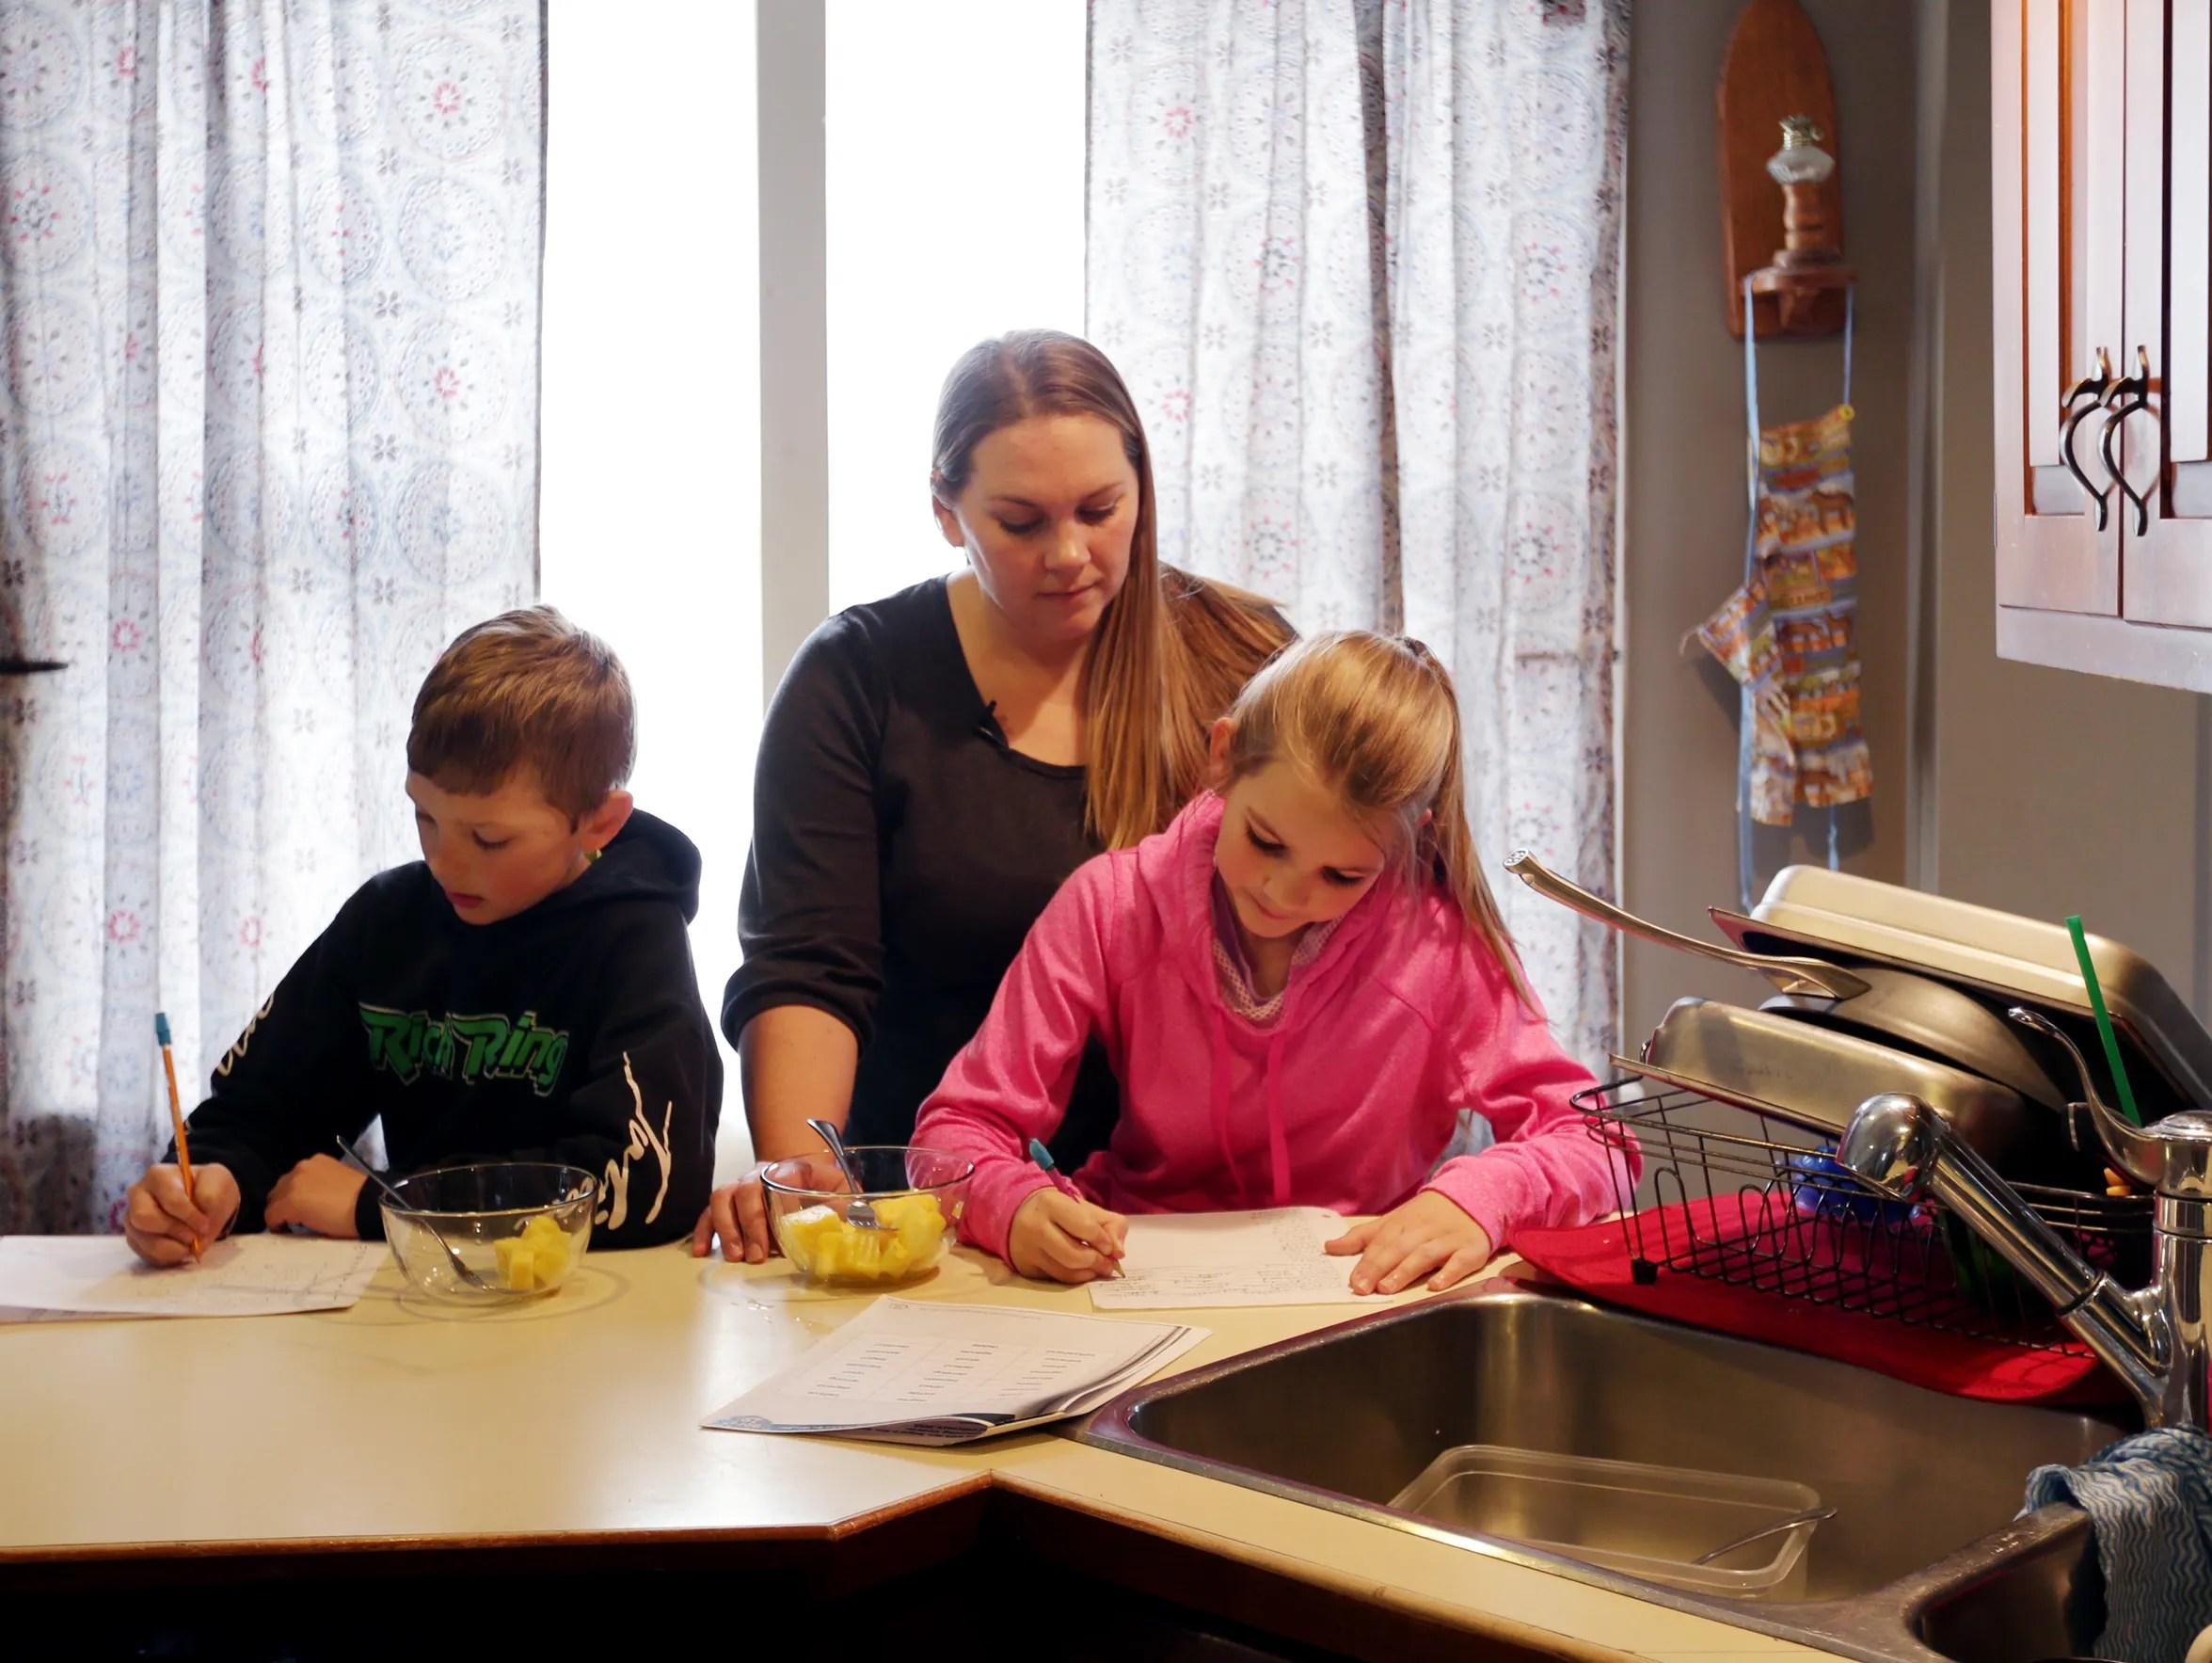 Nicole Rich, 34, helps her children Jamison Rich, 7,